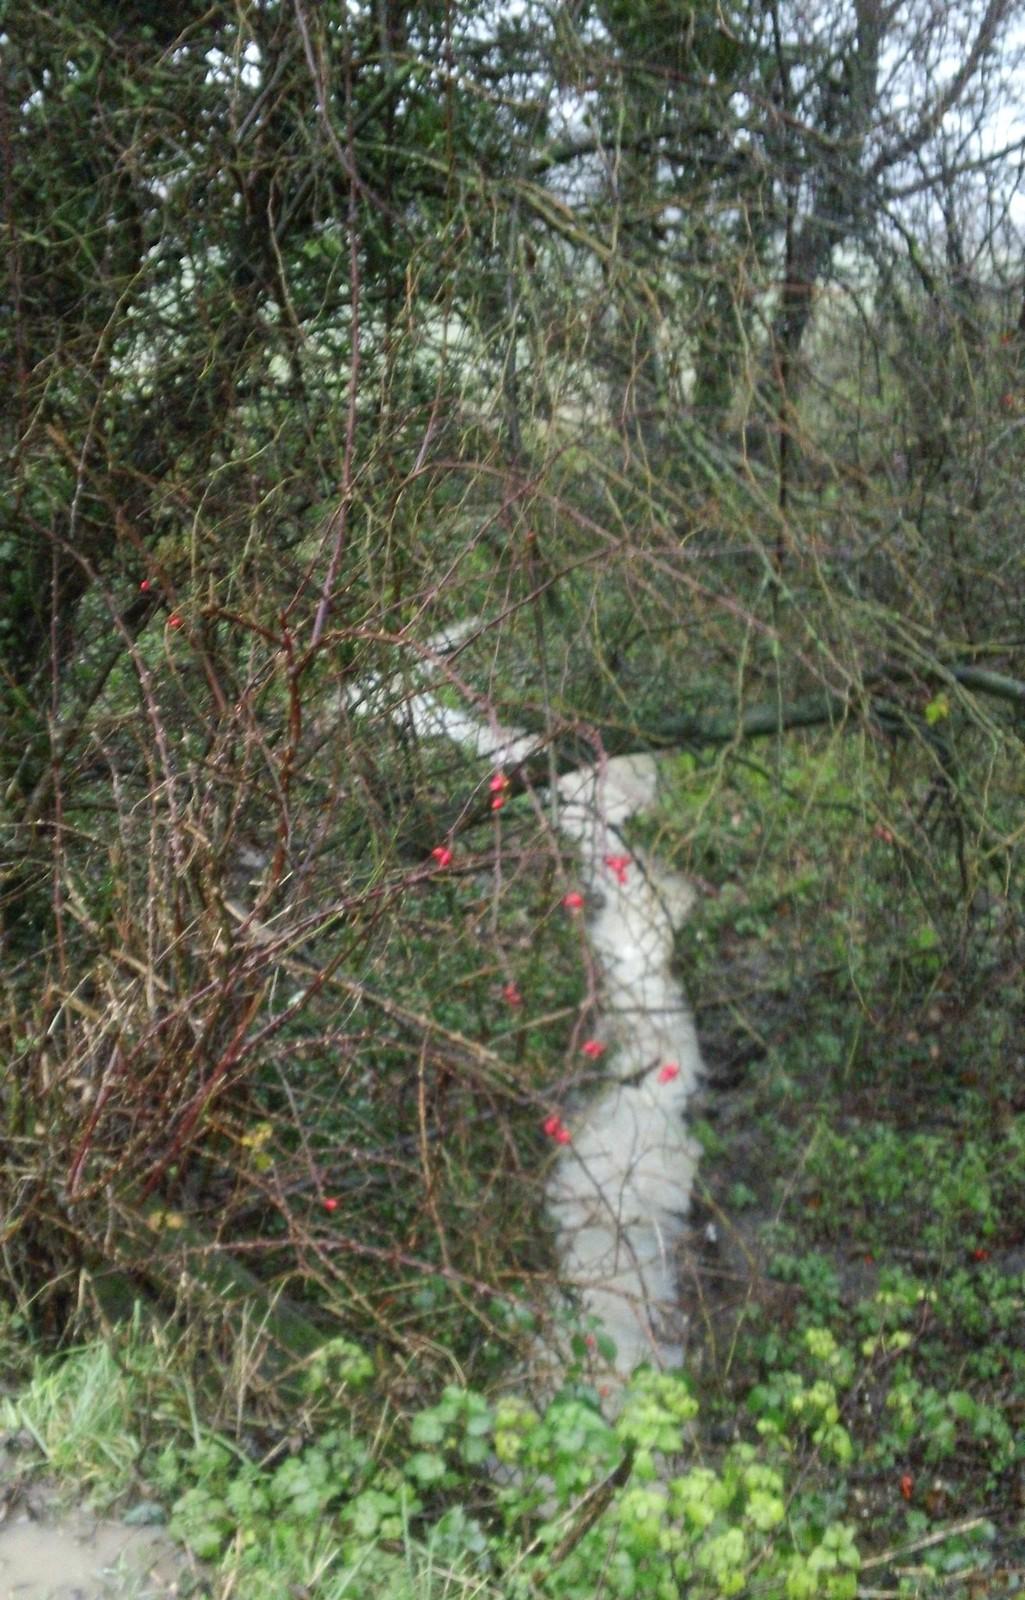 Muddy stream, red berries